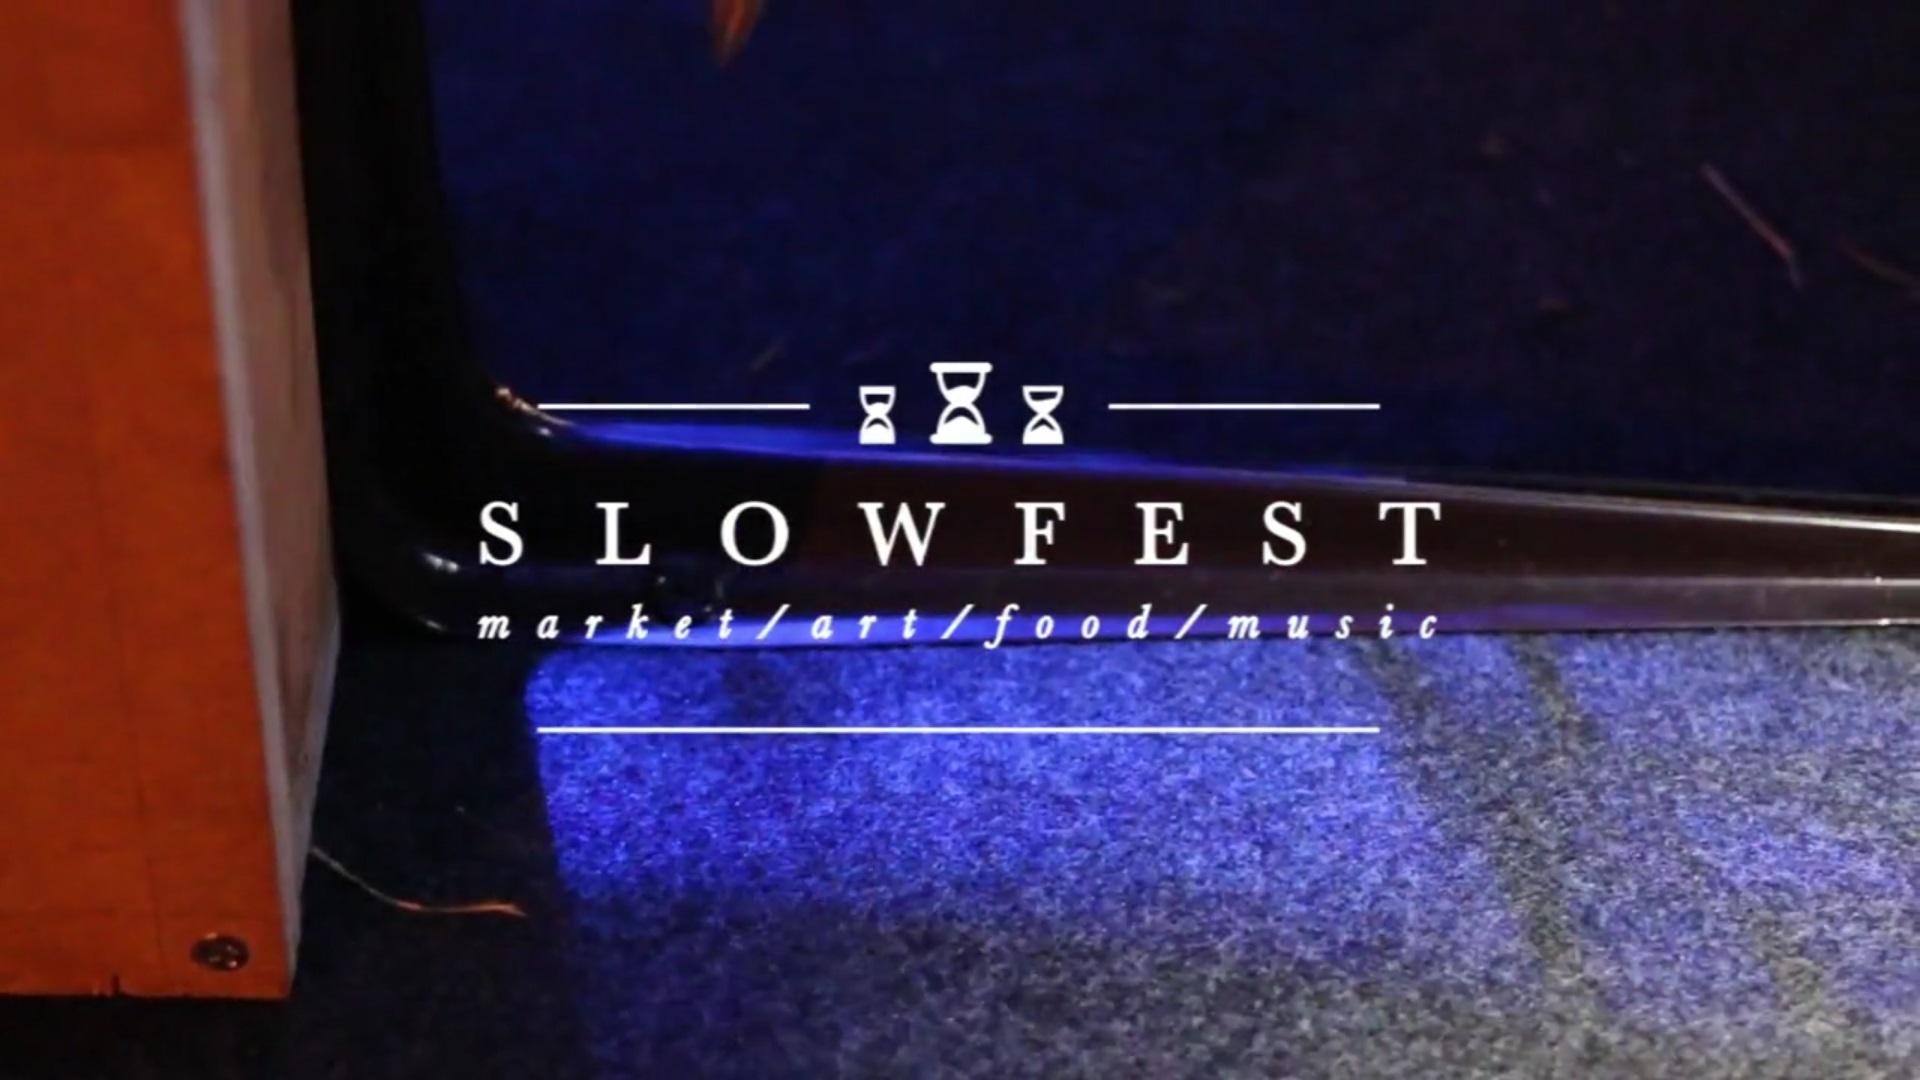 slow fest 2014